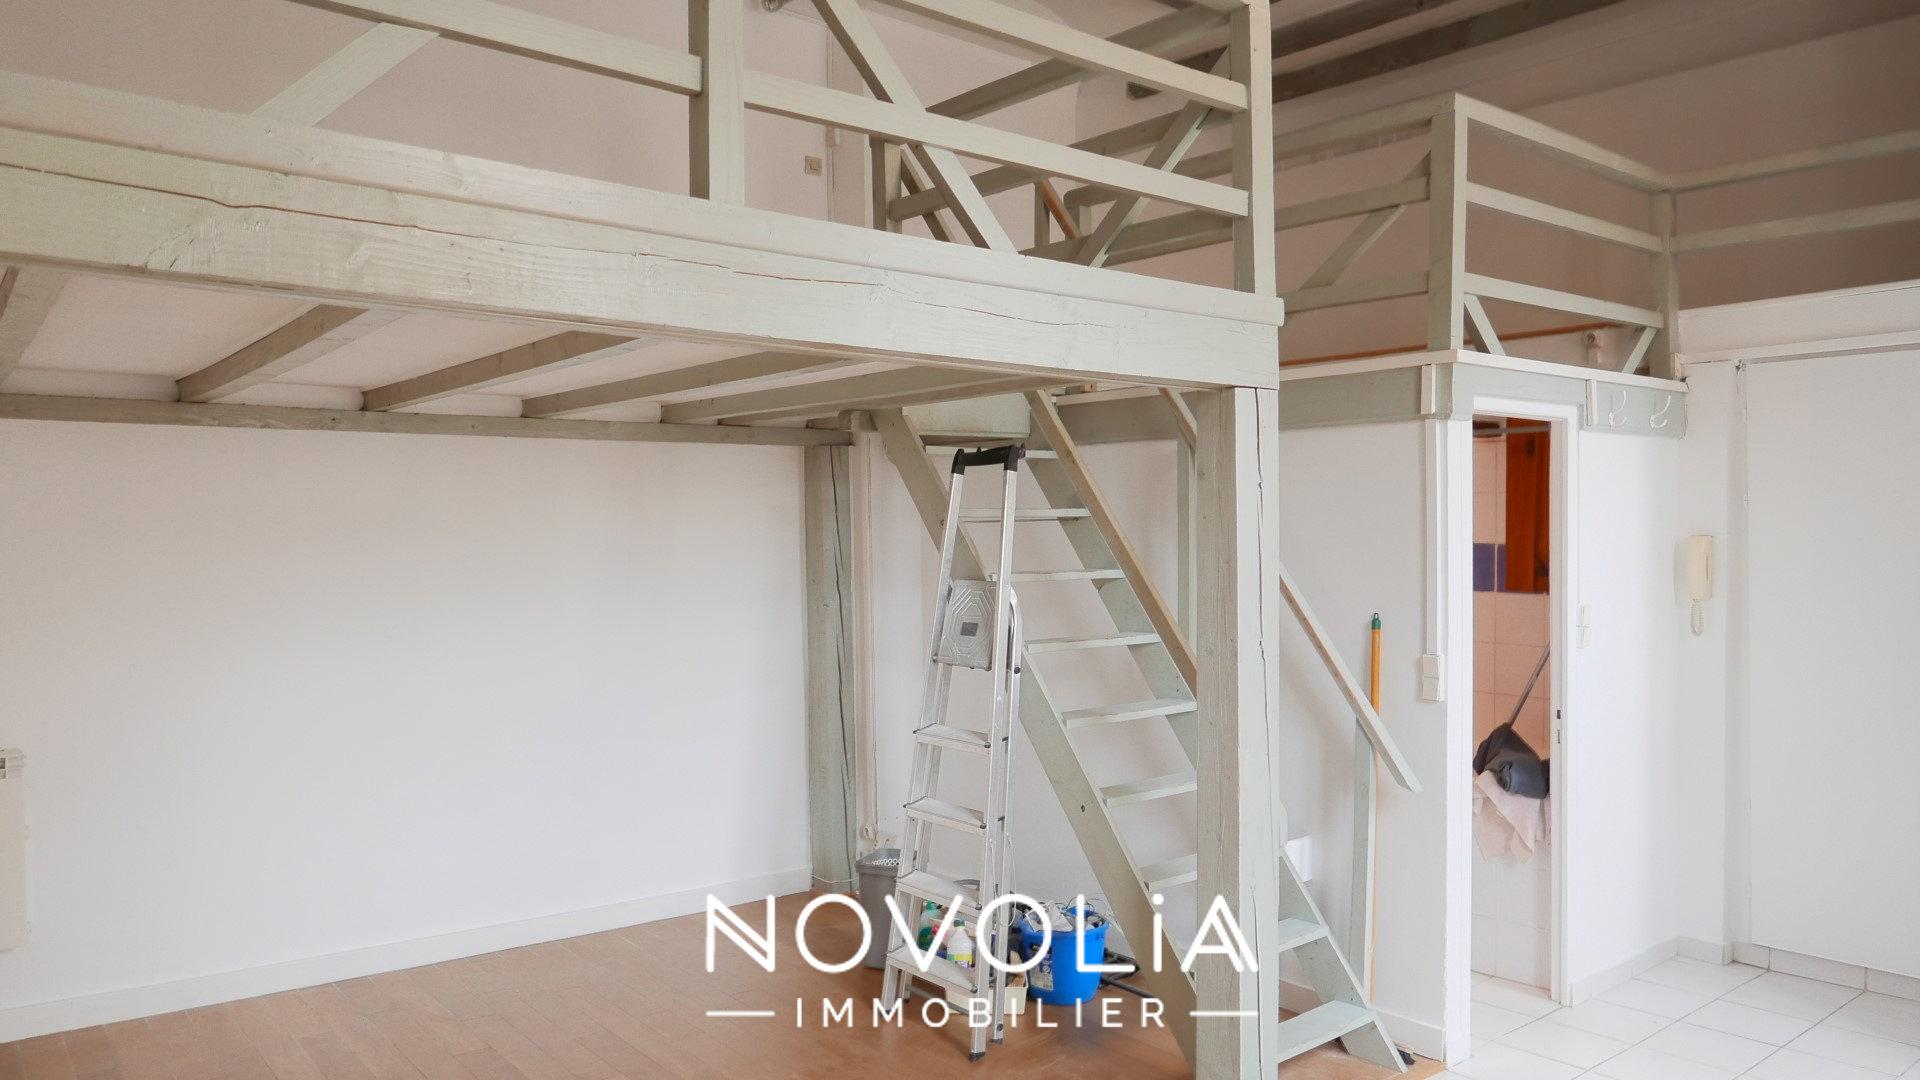 Achat Appartement Surface de 46.4 m²/ Total carrez : 27.2 m², 2 pièces, Lyon 4ème (69004)